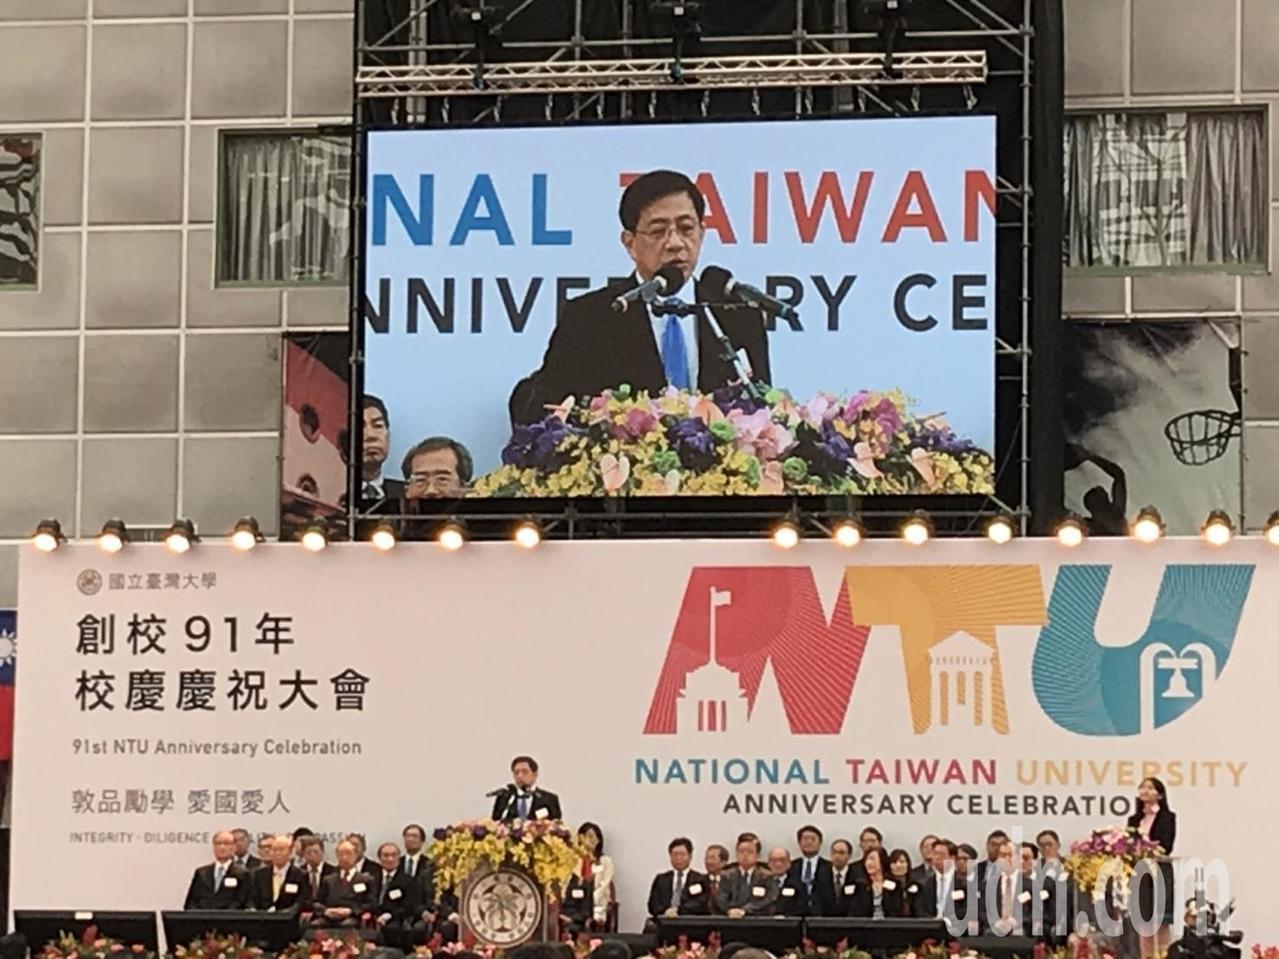 台大今天舉行91周年校慶,管中閔致詞時重申2028未來大學願景。記者潘乃欣/攝影